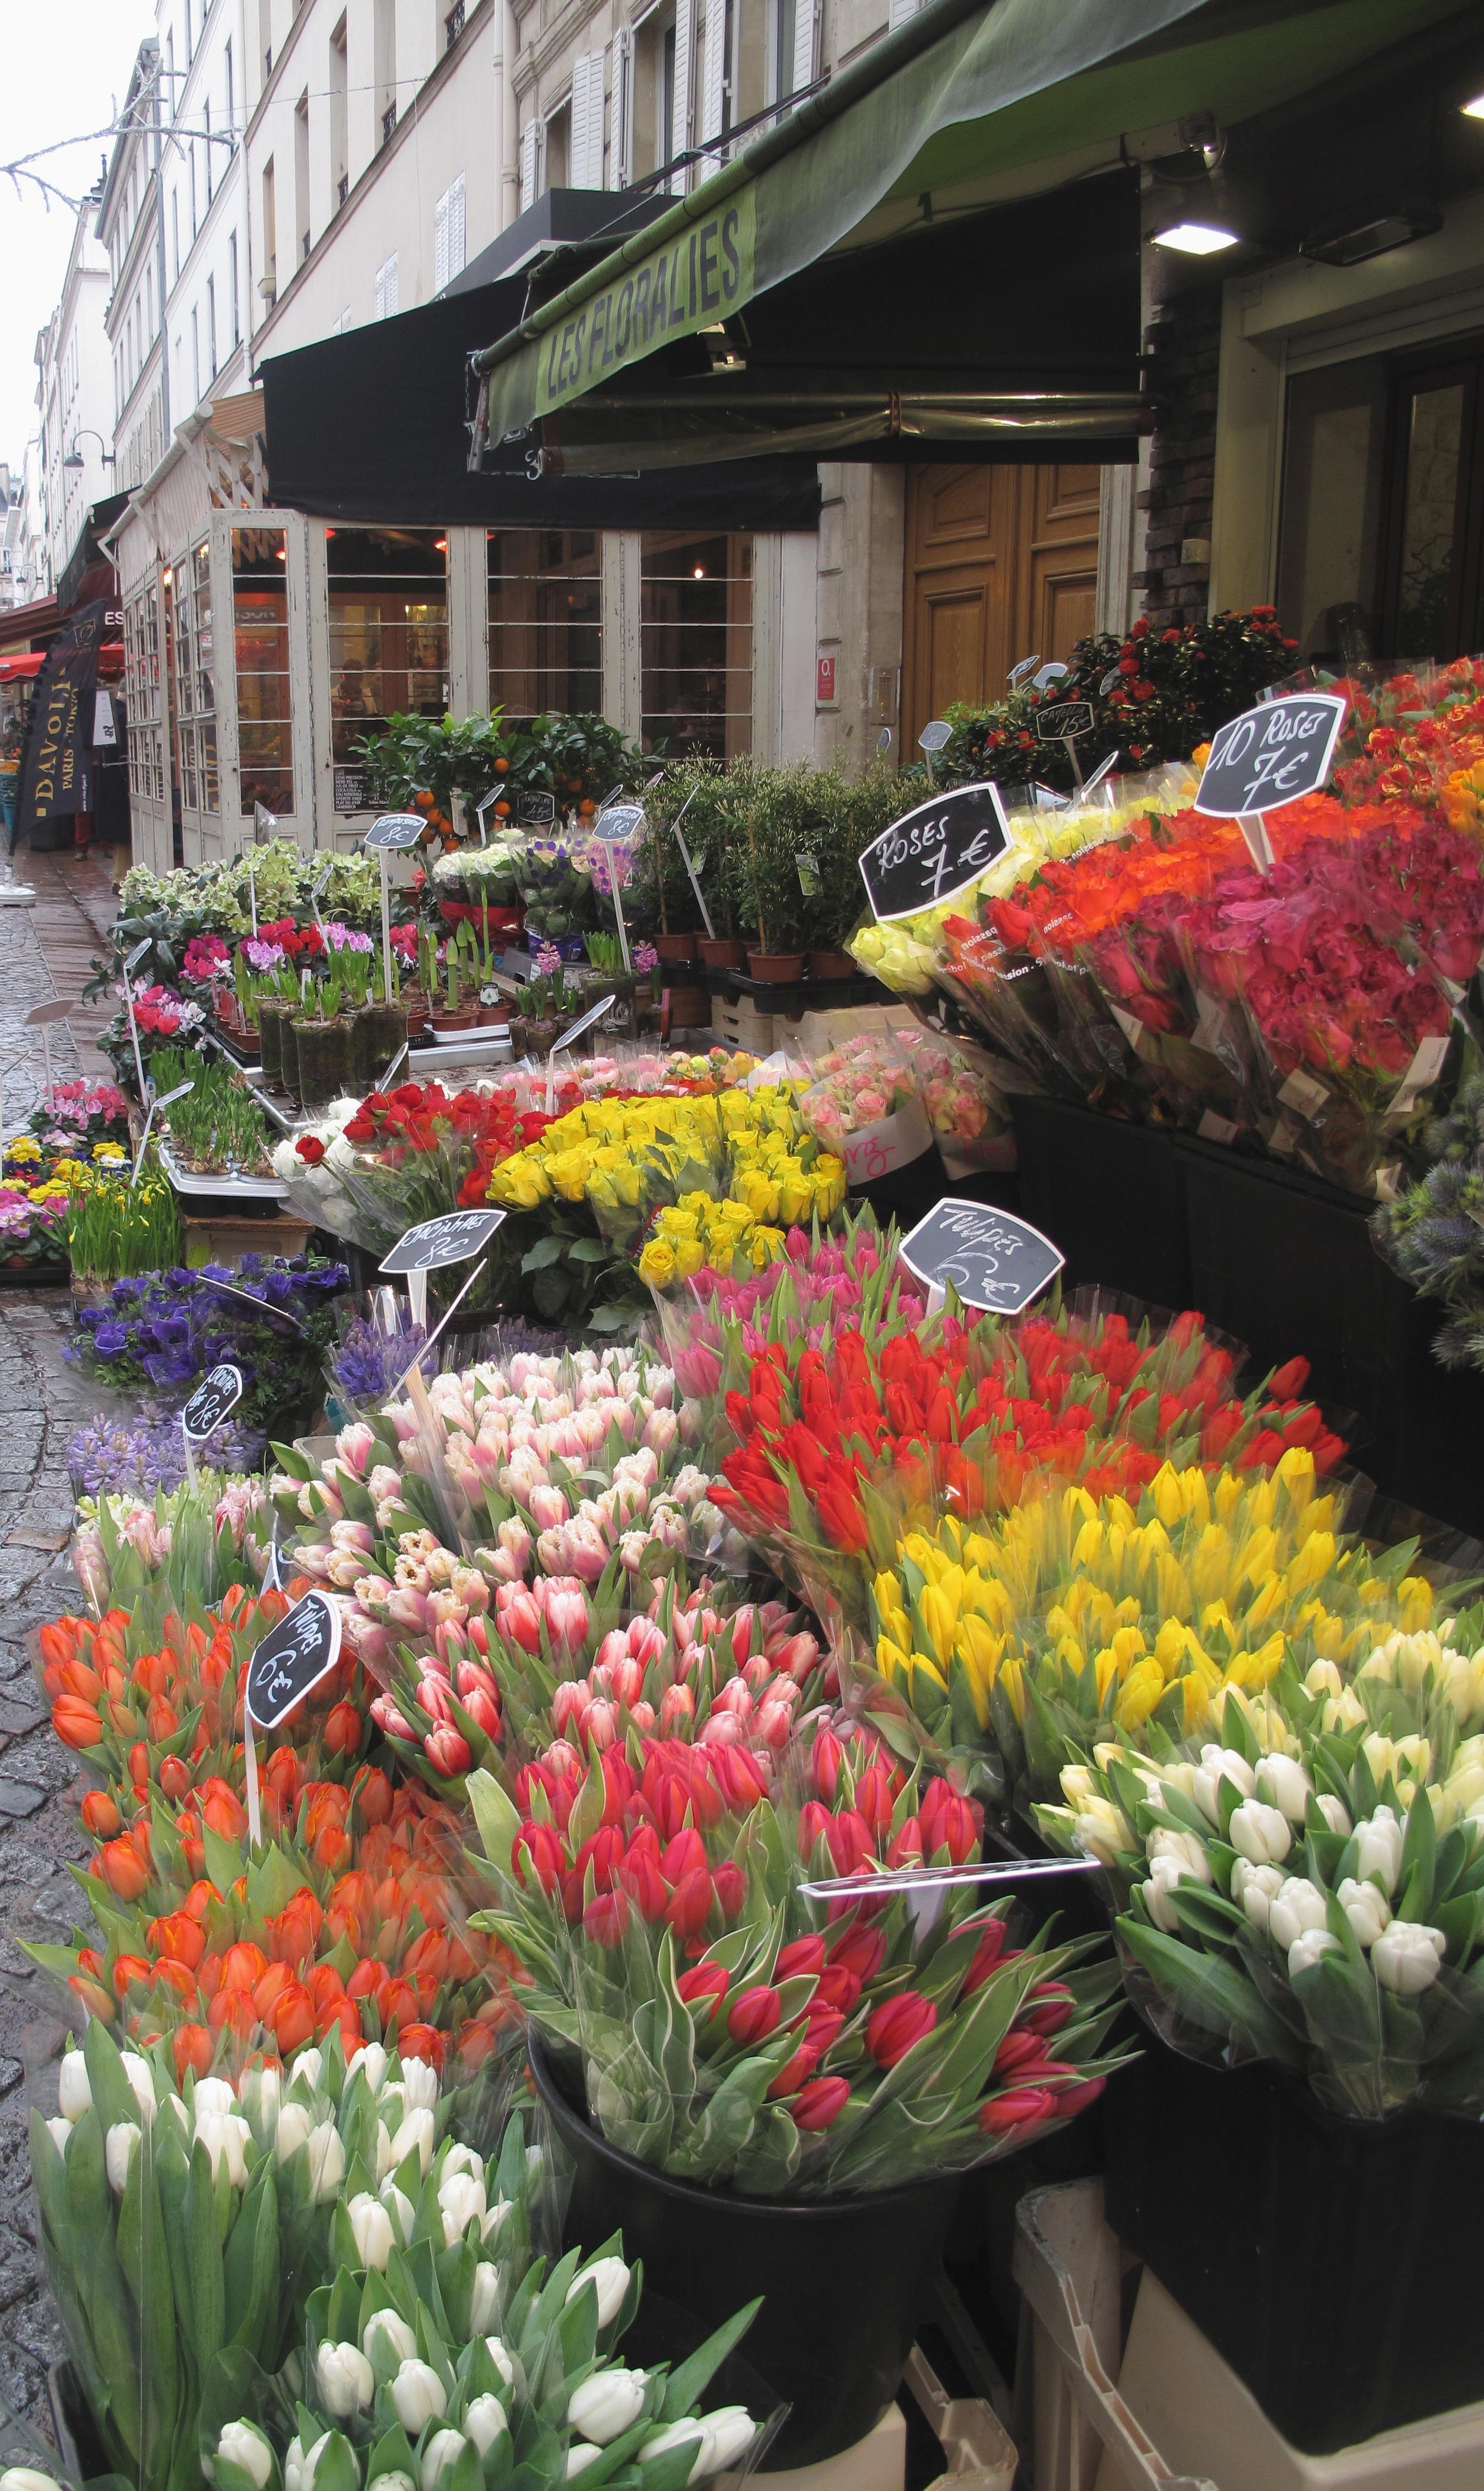 Flowers at a market, Paris